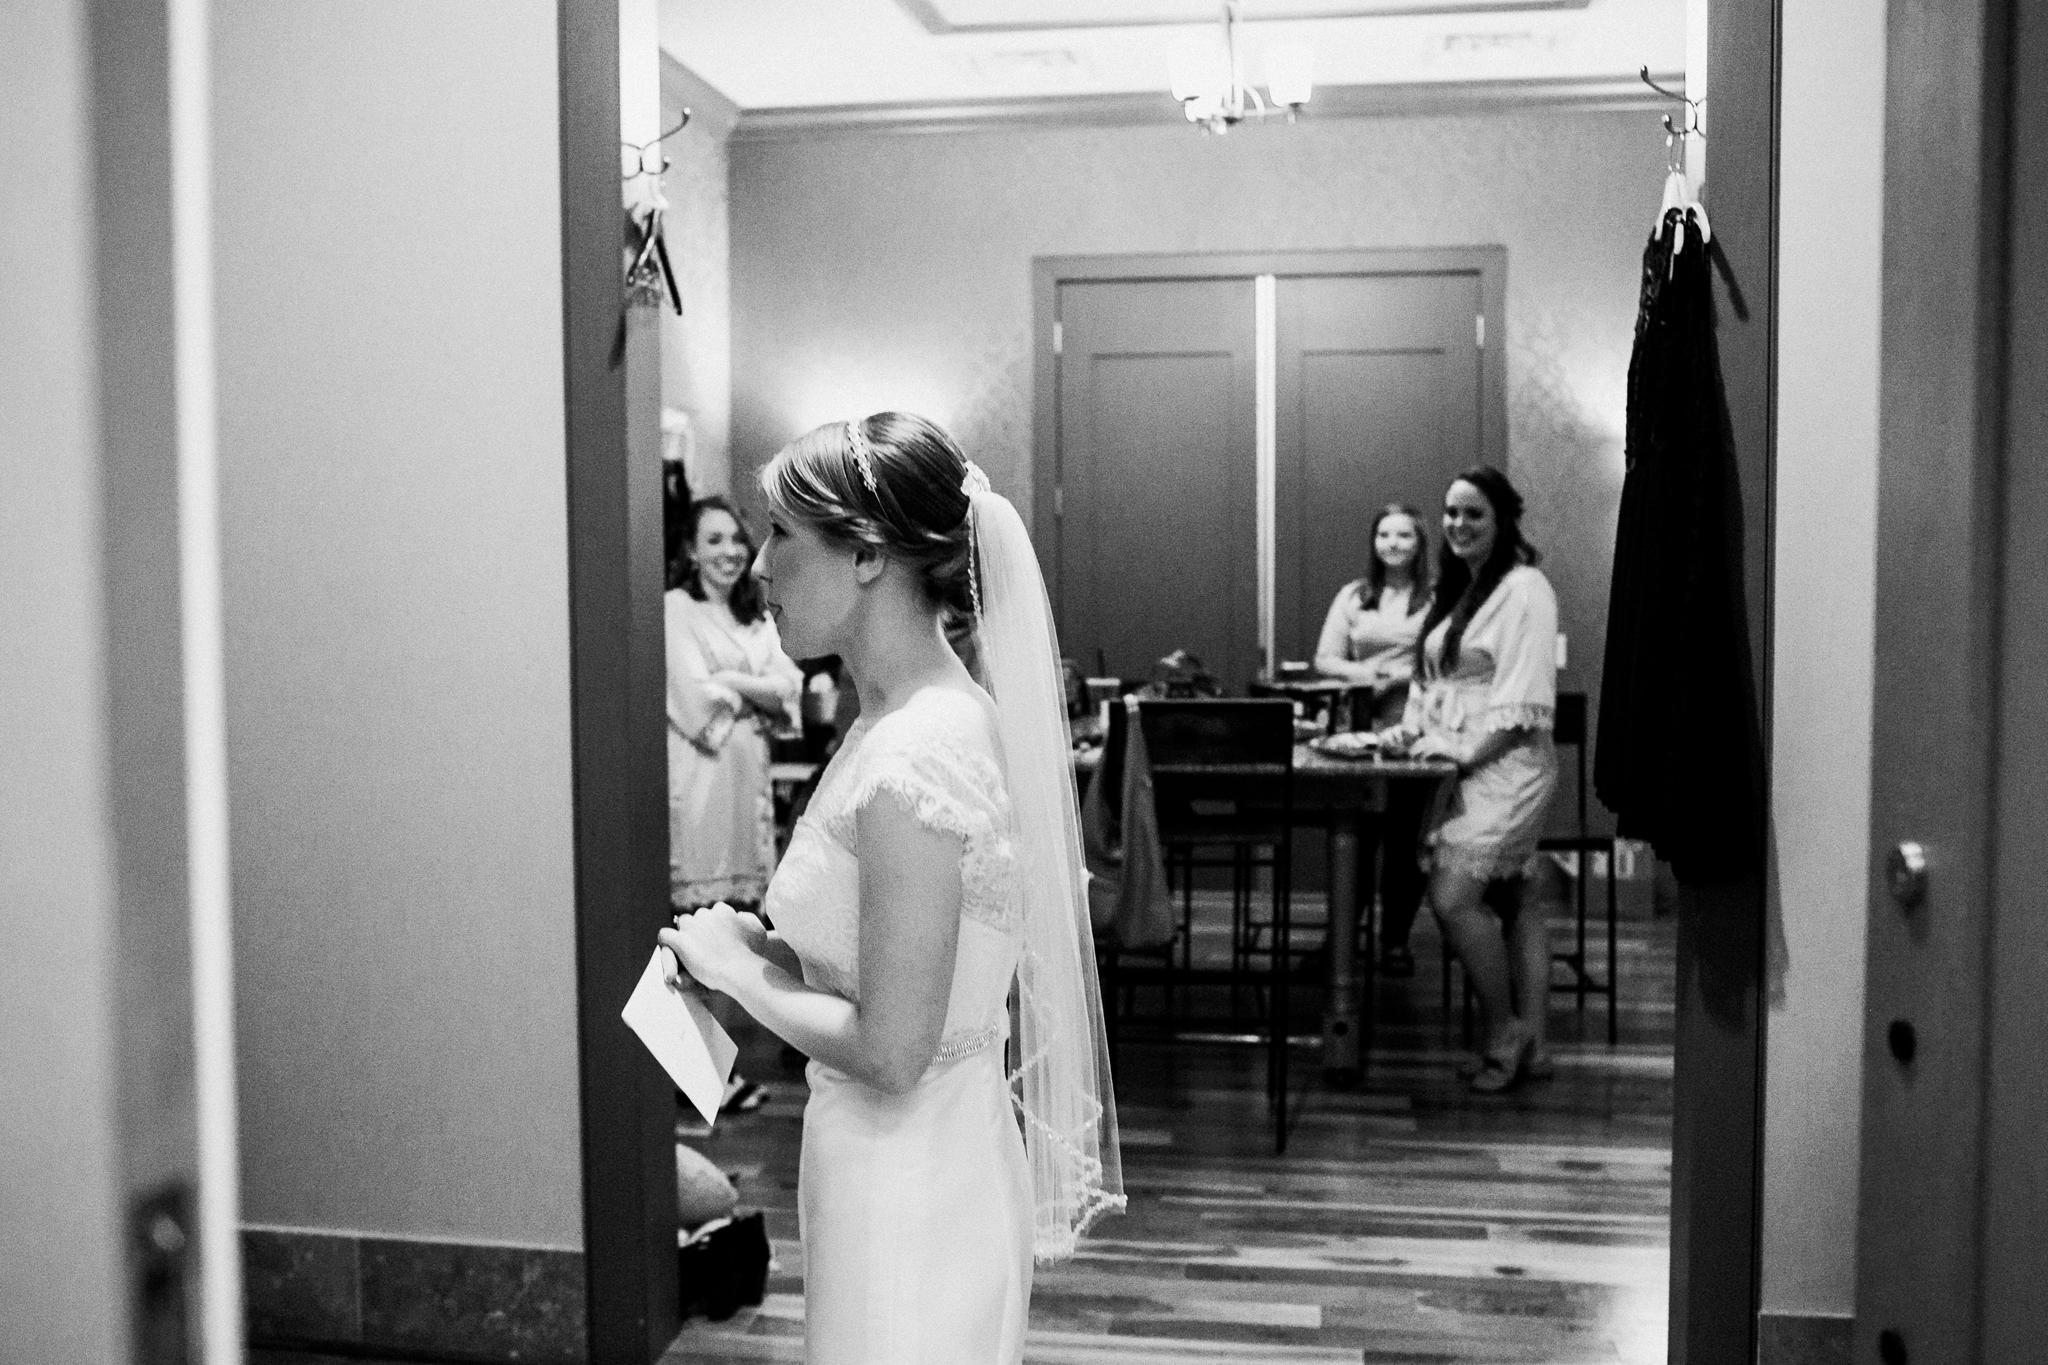 noahs_event_venue_naperville_IL_wedding_photographer_0007.jpg